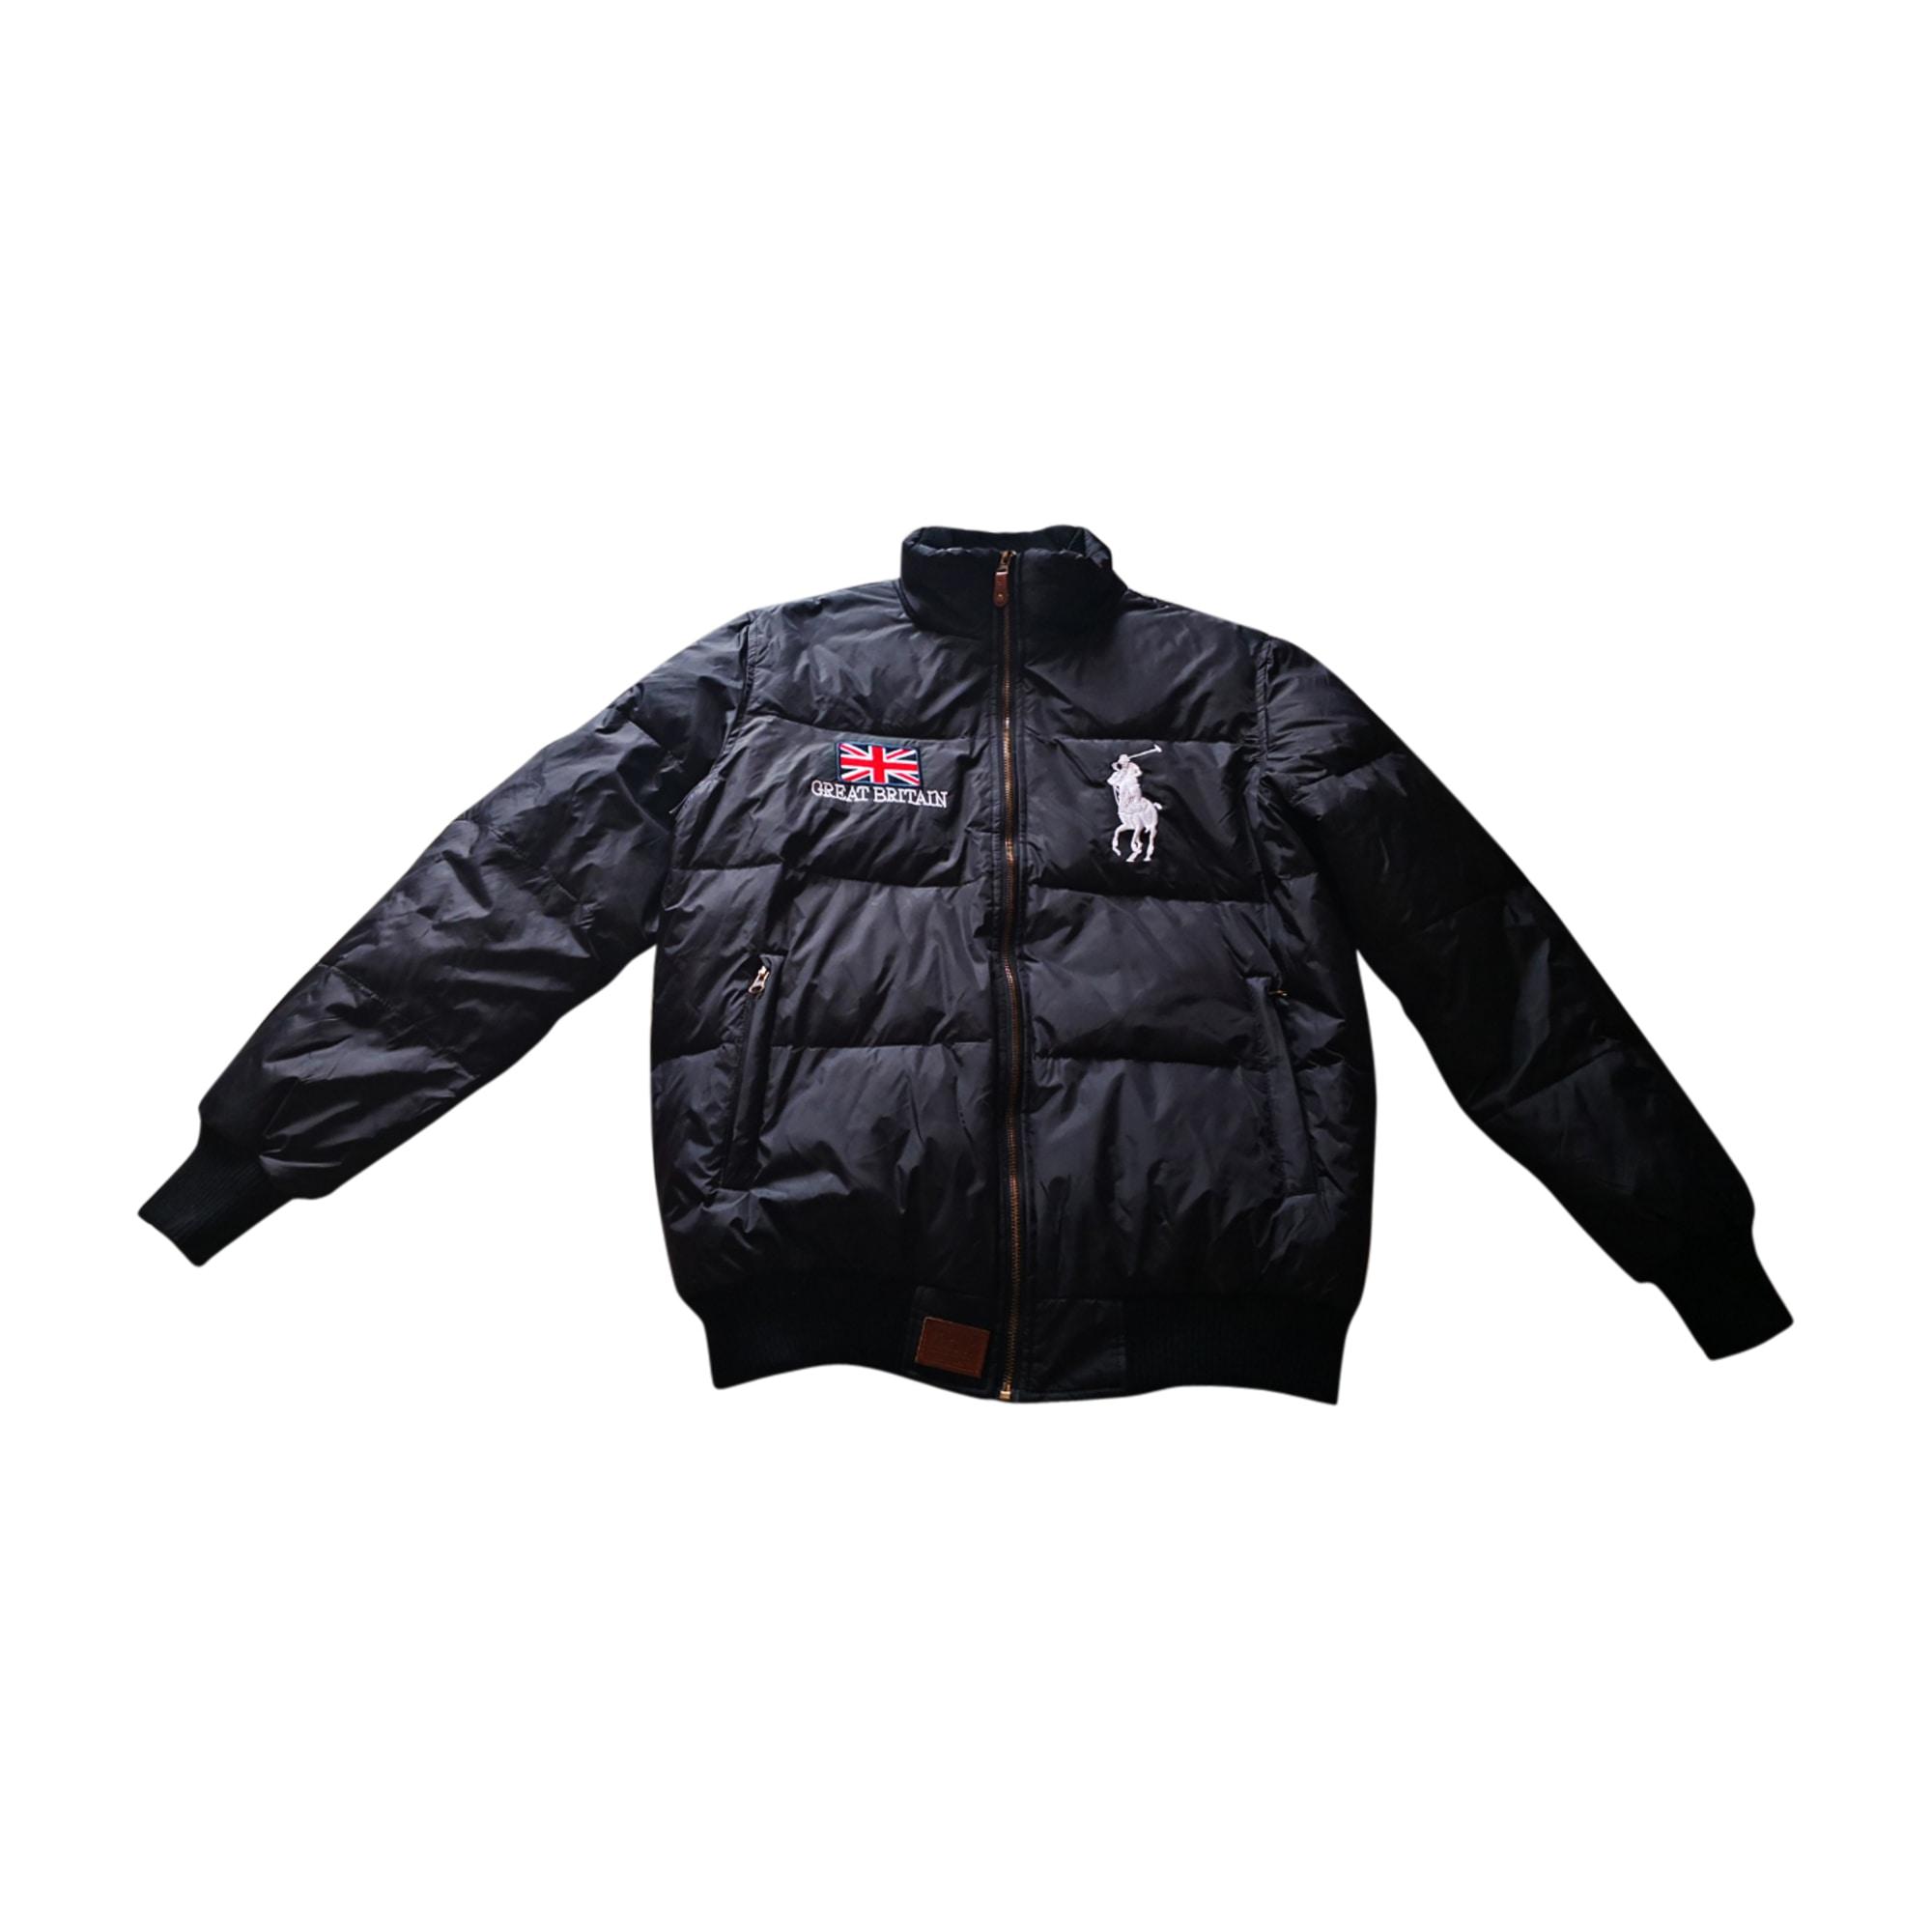 Doudoune RALPH LAUREN 50 (M) noir vendu par Taziqui - 7491543 05a81597257